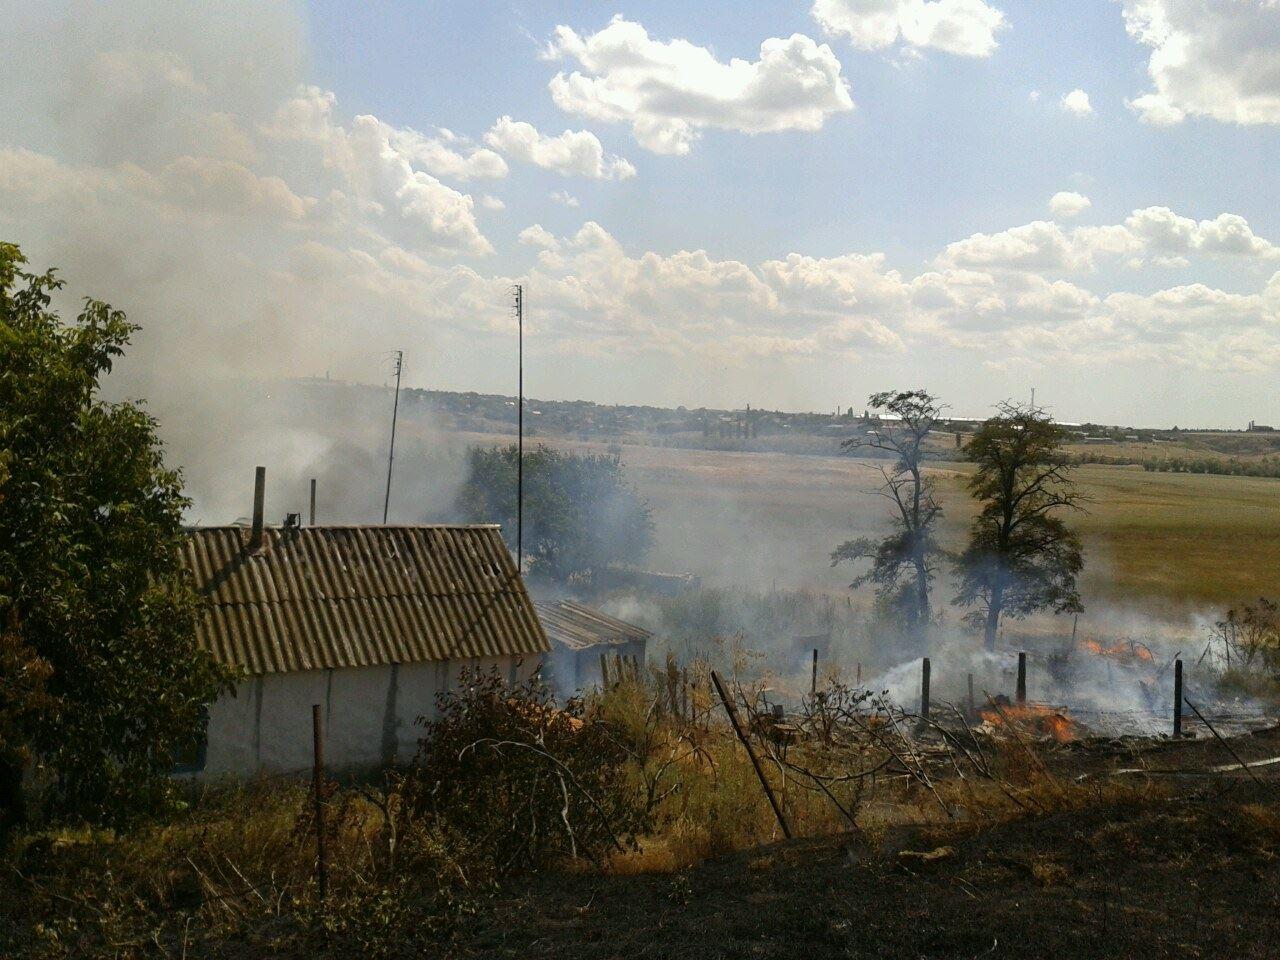 На Миколаївщині через пожежу сухостою загорілись сараї та житловий будинок - фото 2